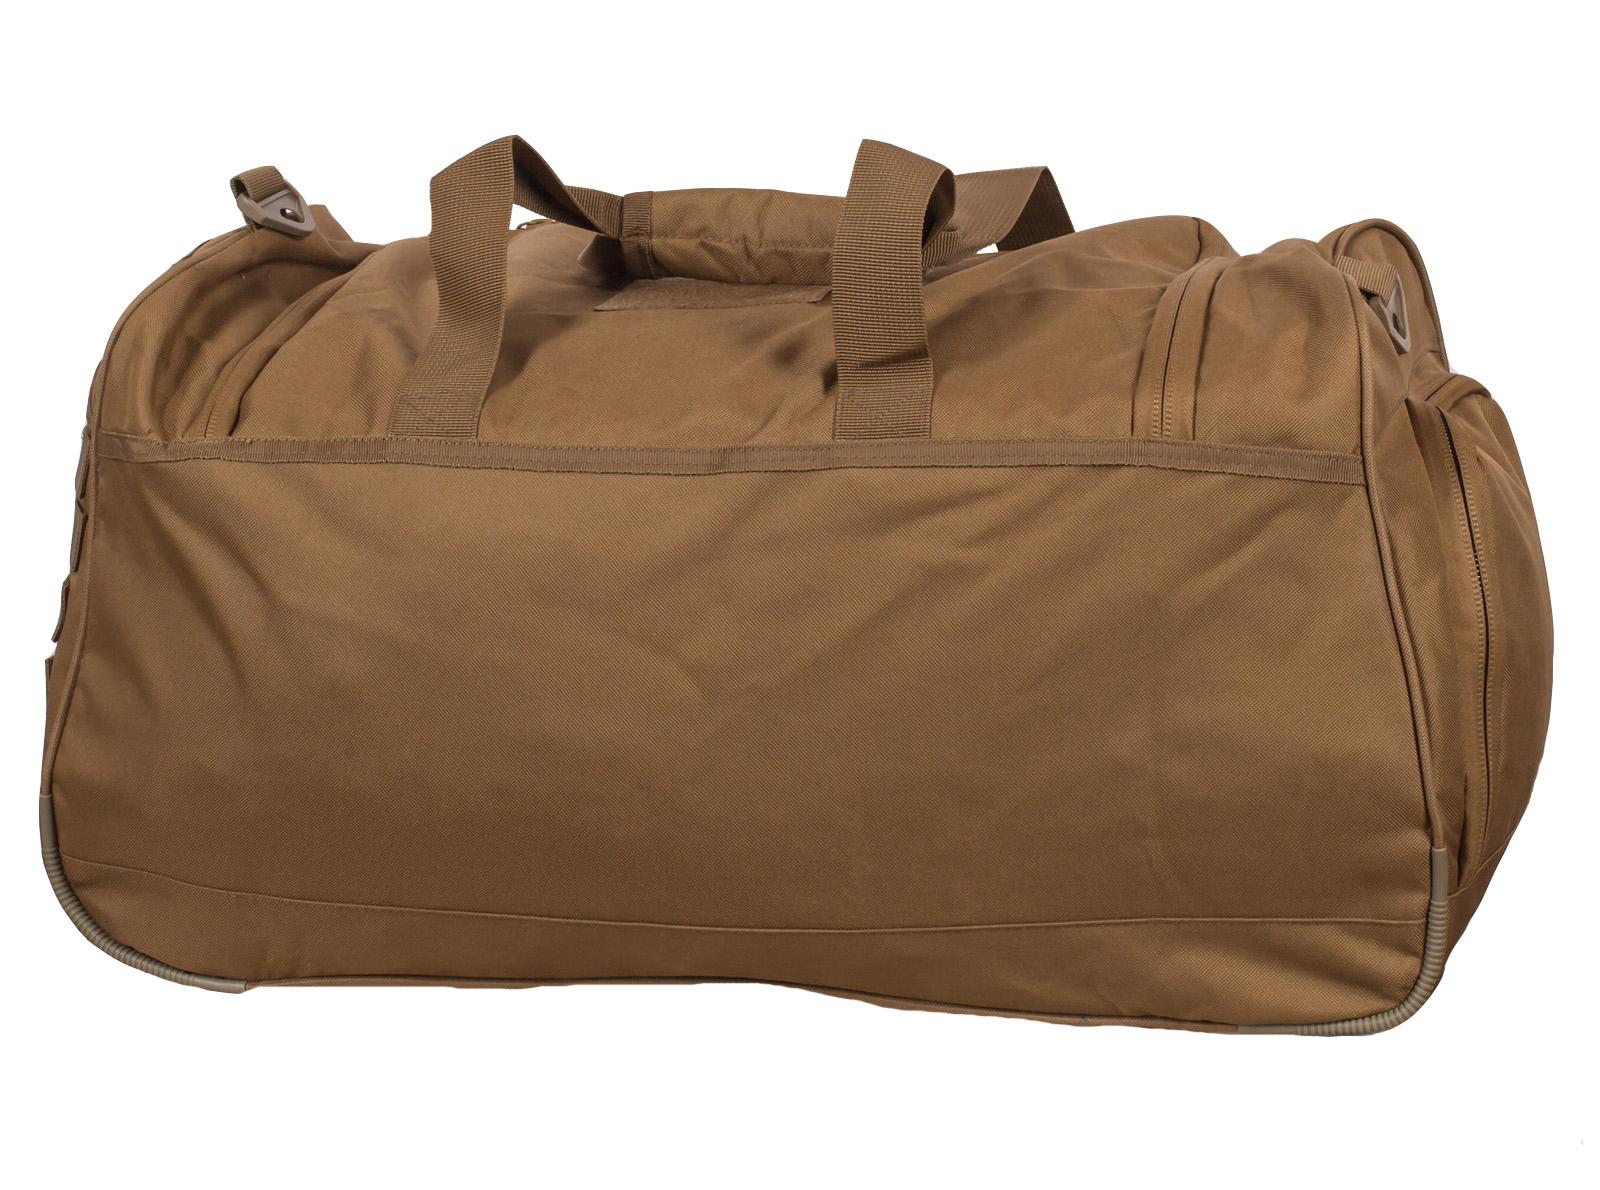 Армейская вместительная сумка 08032B Coyote с нашивкой Танковые Войска - купить выгодно